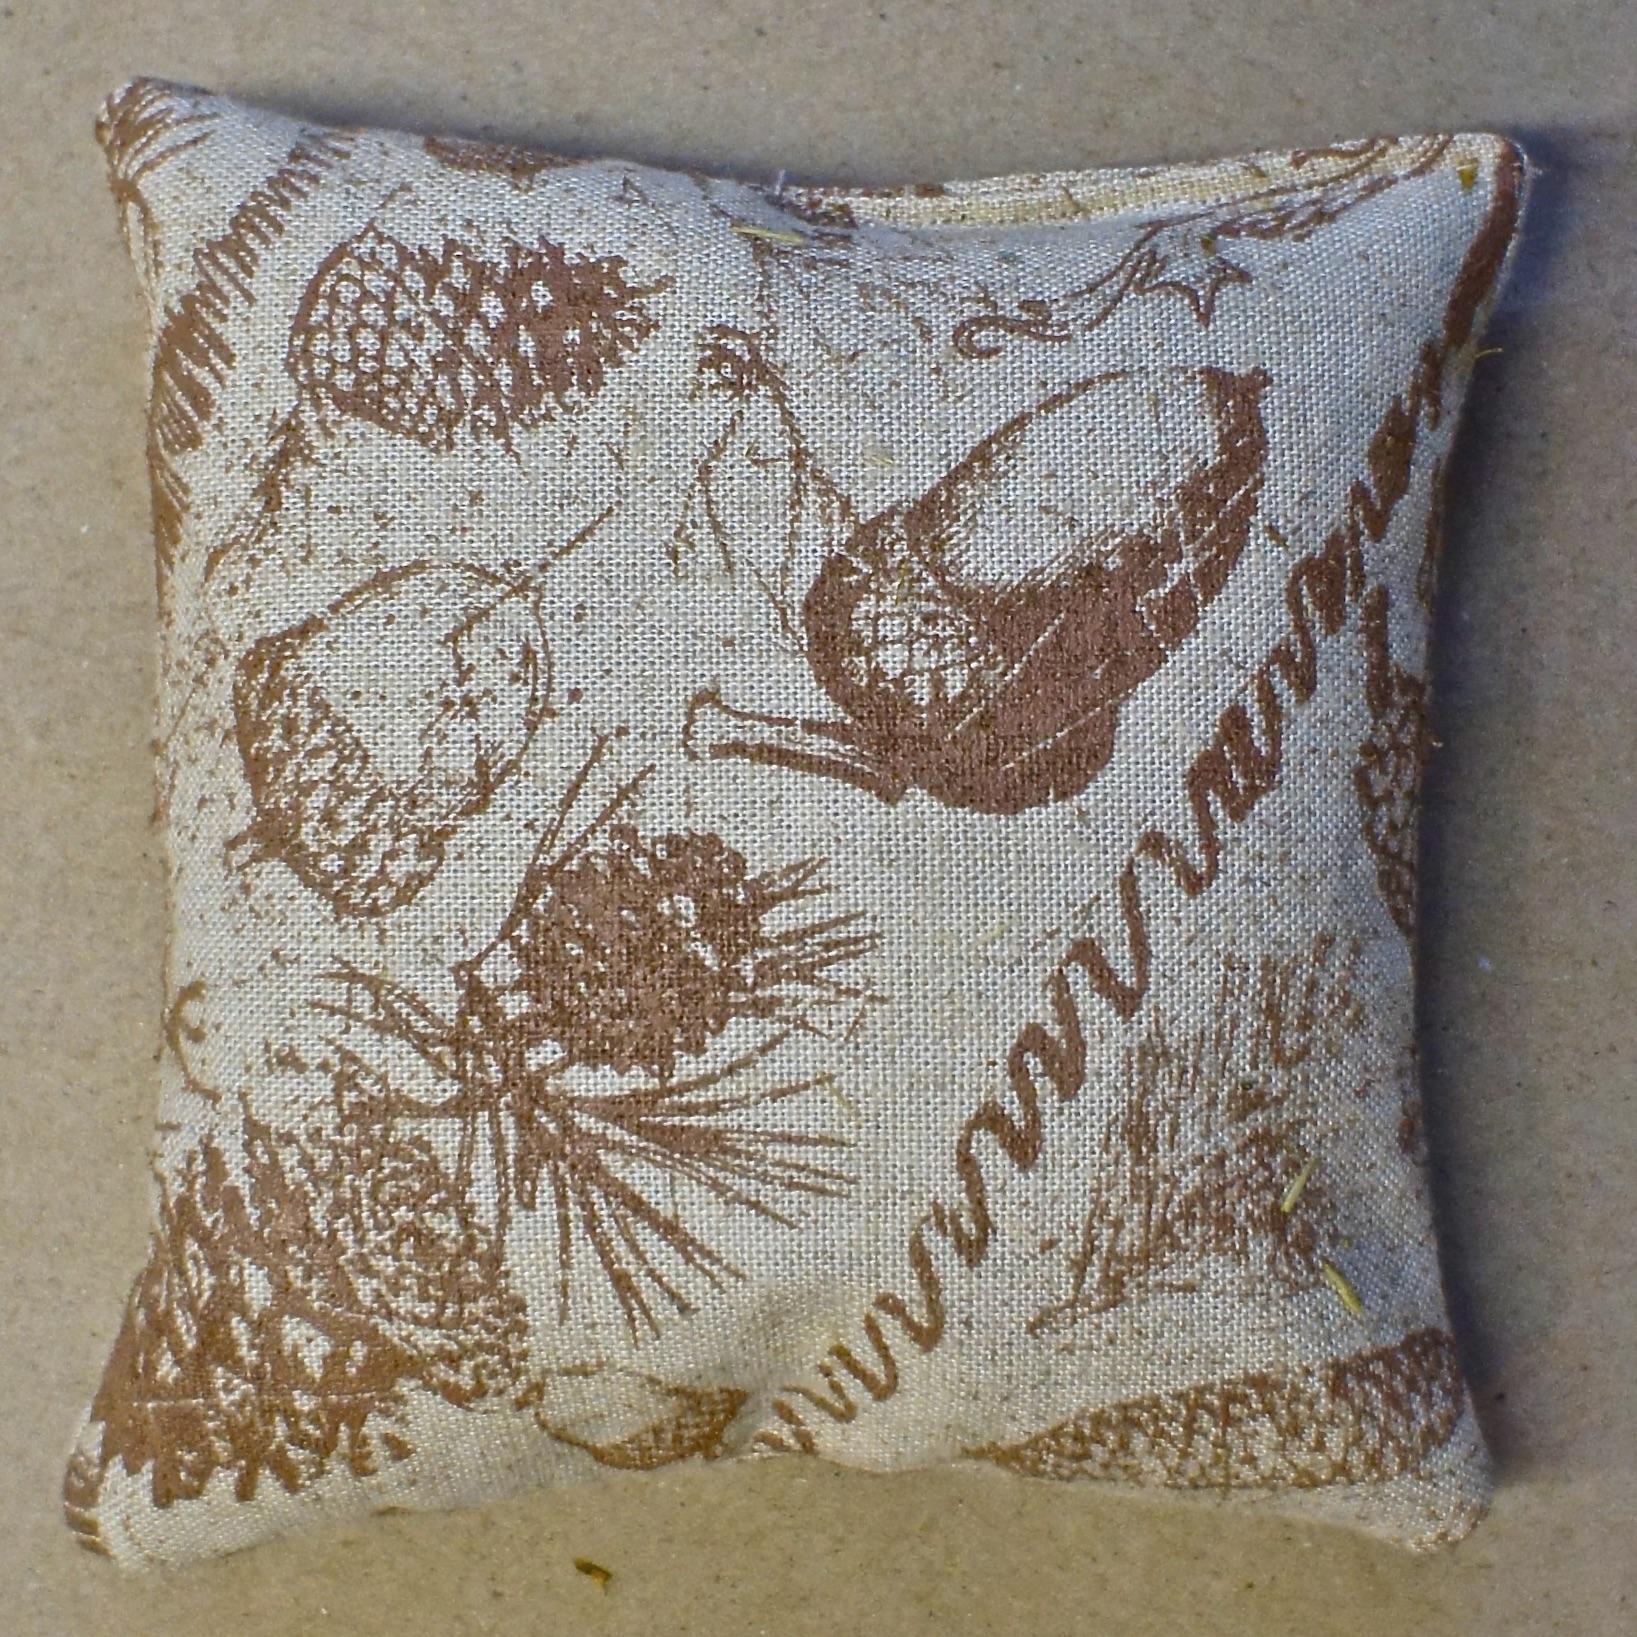 balsam fir pillows pine cones